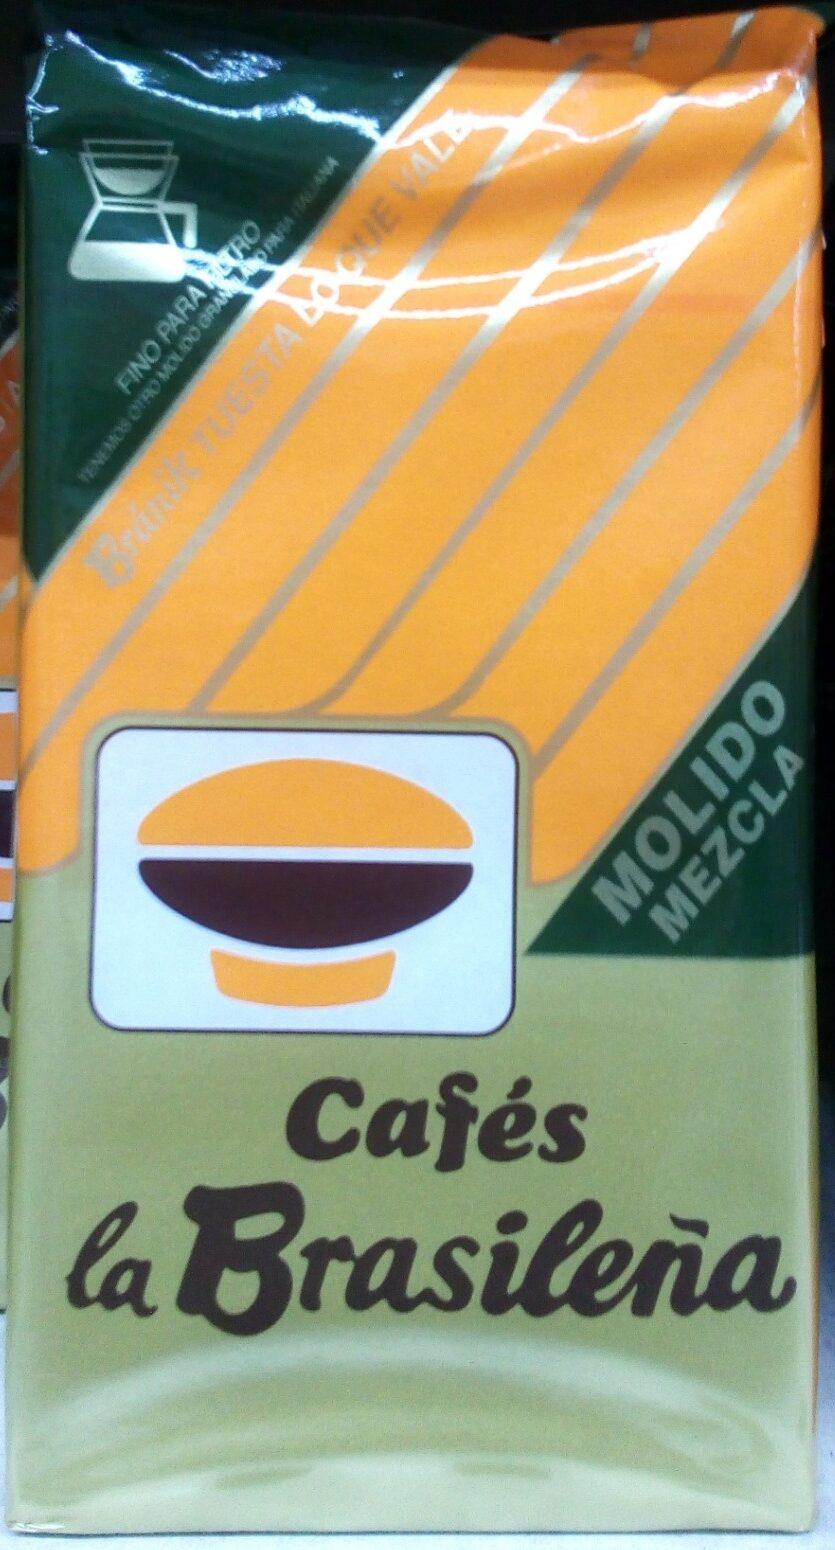 Café molido 60% natural 40% torrefacto - Producto